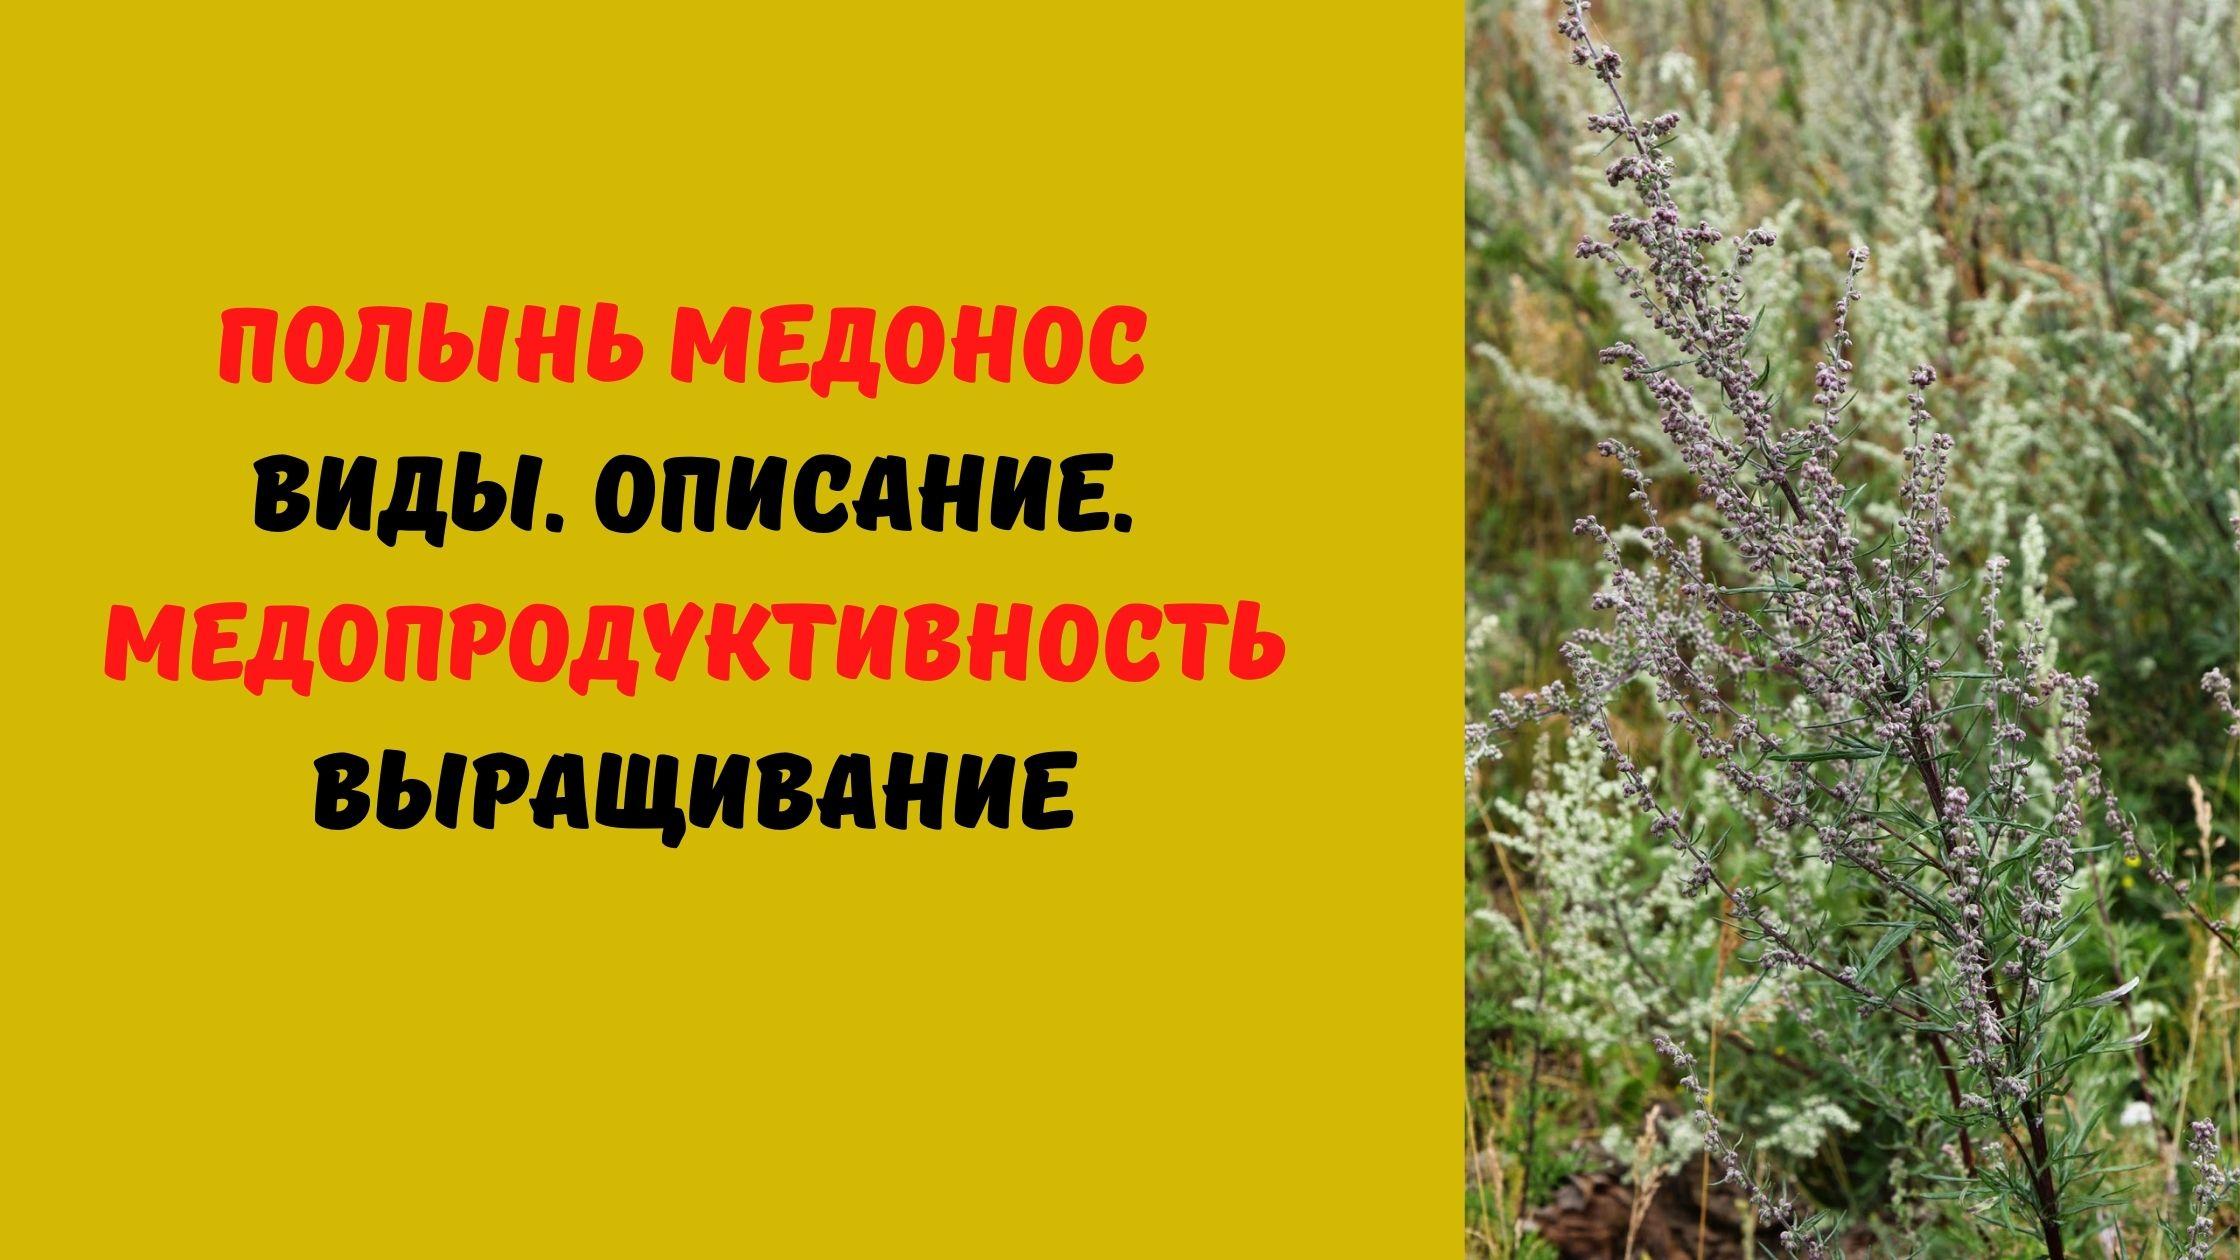 полынь медонос